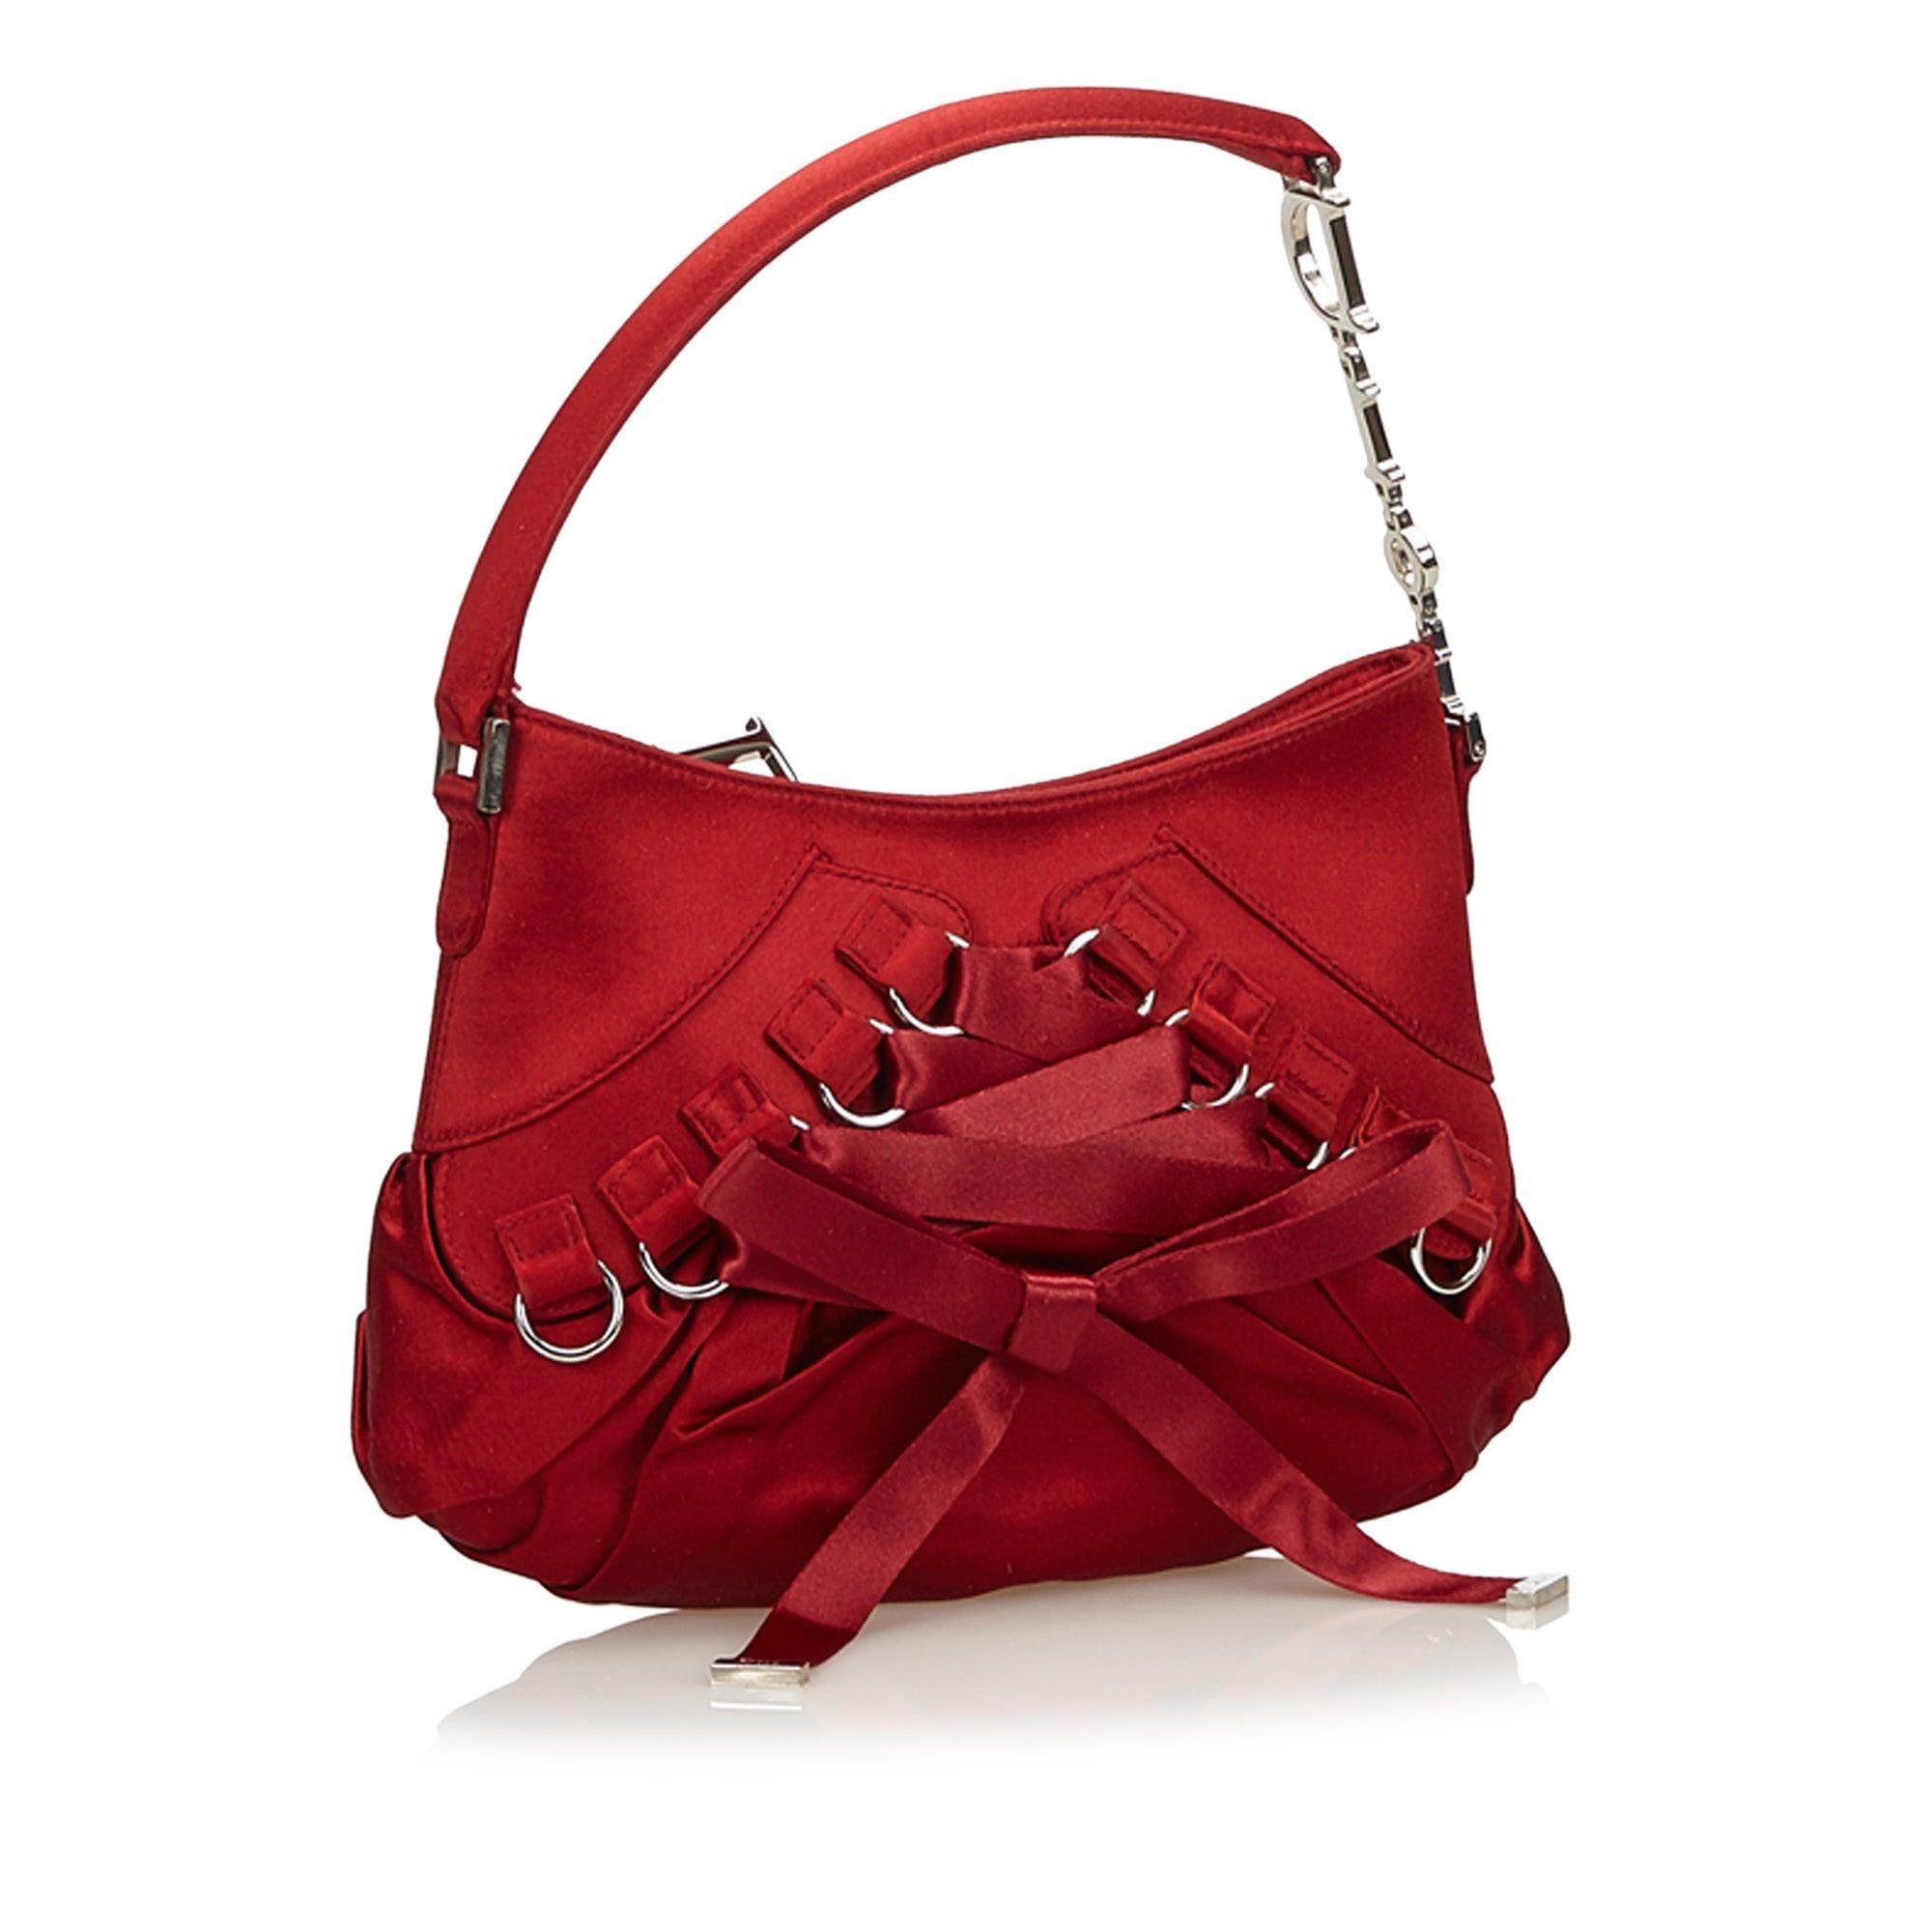 205aaff46d7f8 Dior Red Satin Ballet Handbag at 1stdibs